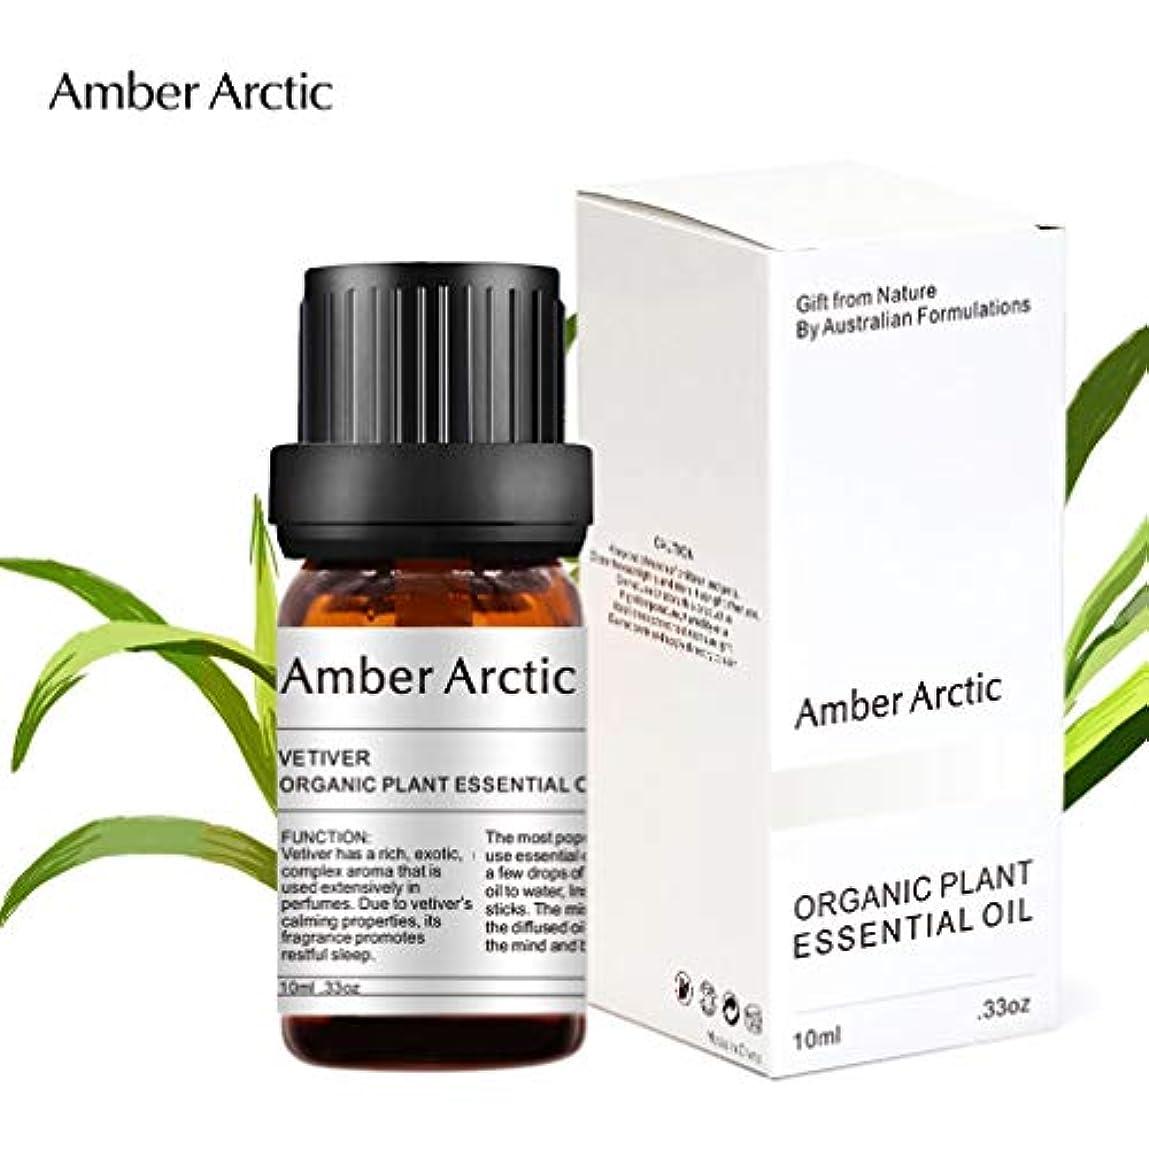 マイクロ雄大な男Amber Arctic ベチバー エッセンシャル オイル、100% ピュア 天然 アロマテラピー ベチバー オイル スプレッド 用 (10ML) ベチバー